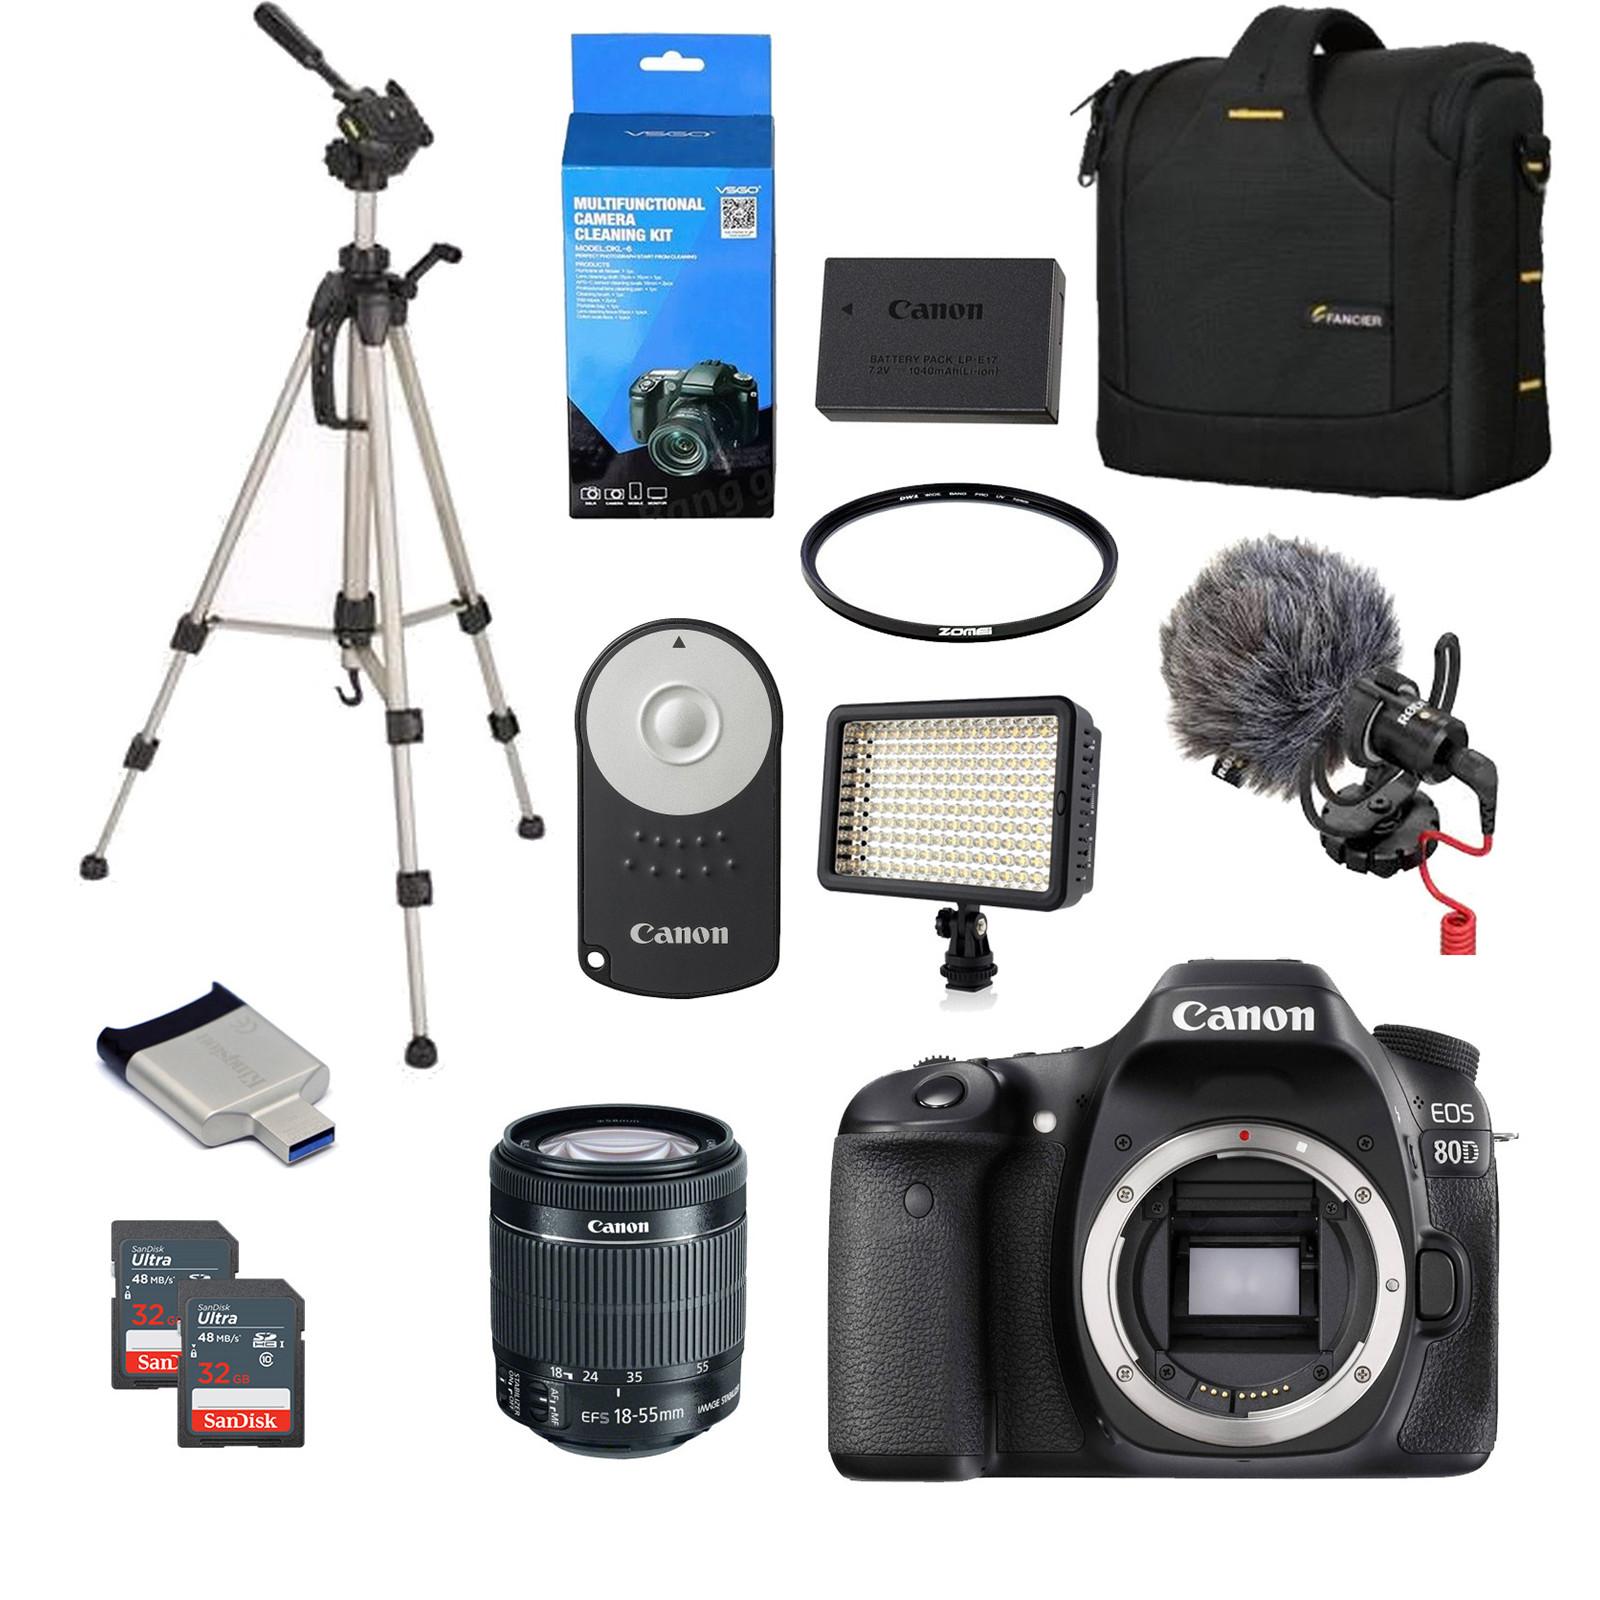 Buy the Canon EOS 800D DSLR Camera Super Bundle 18-55mm Lens